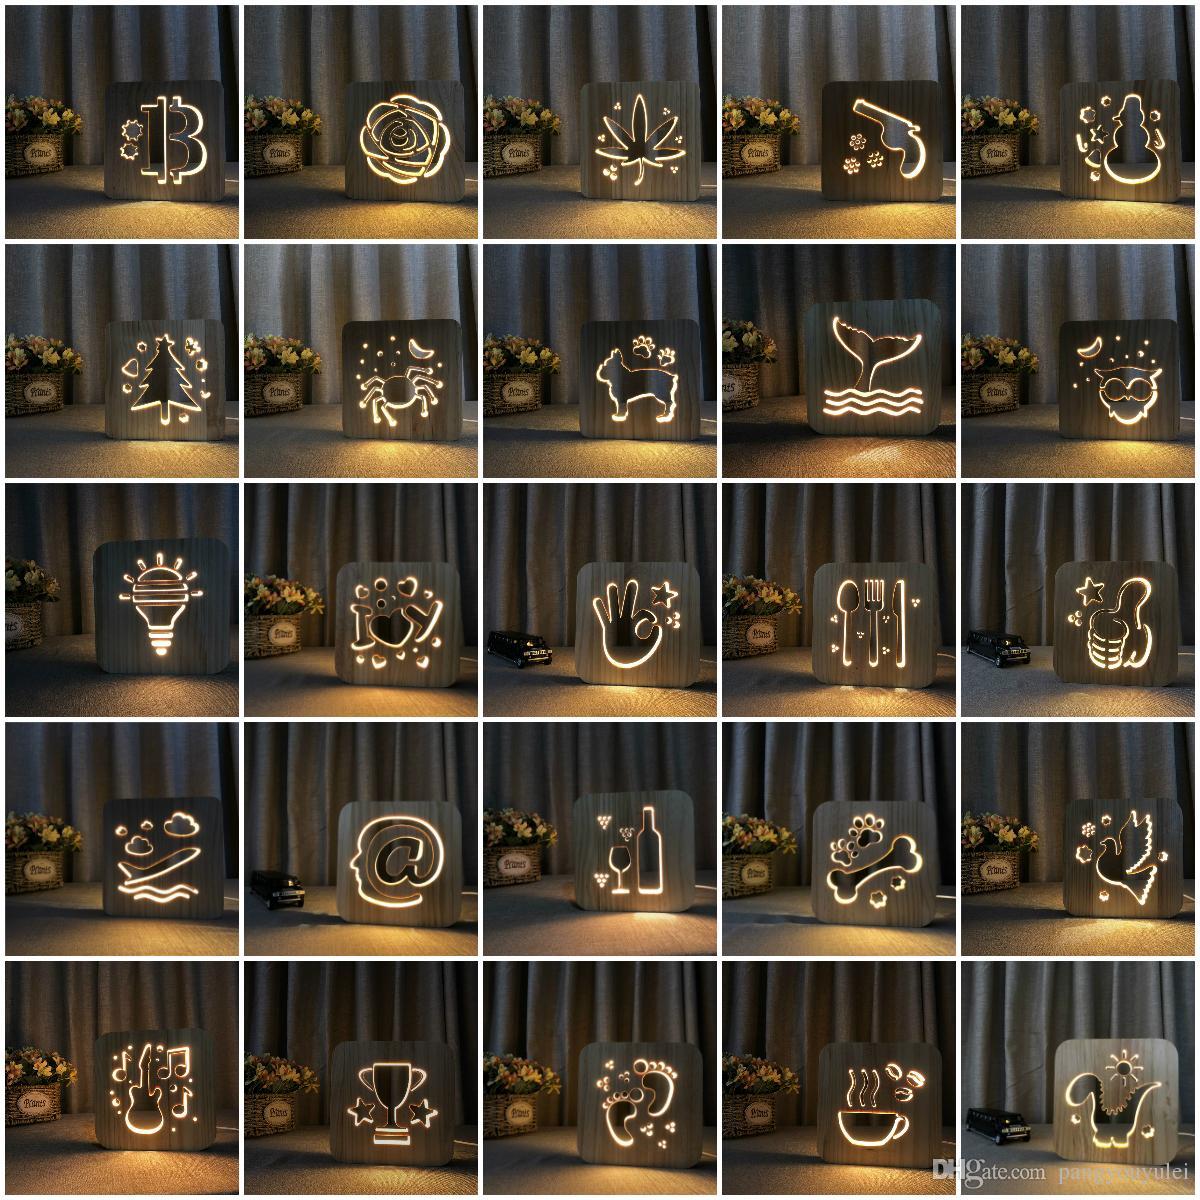 Leão 3D LED Nightlight Lâmpada de madeira Nightlight USB Power Início Quarto Table Desk Lamp Decoração Madeira 3D Carving Pattern LED NightLight